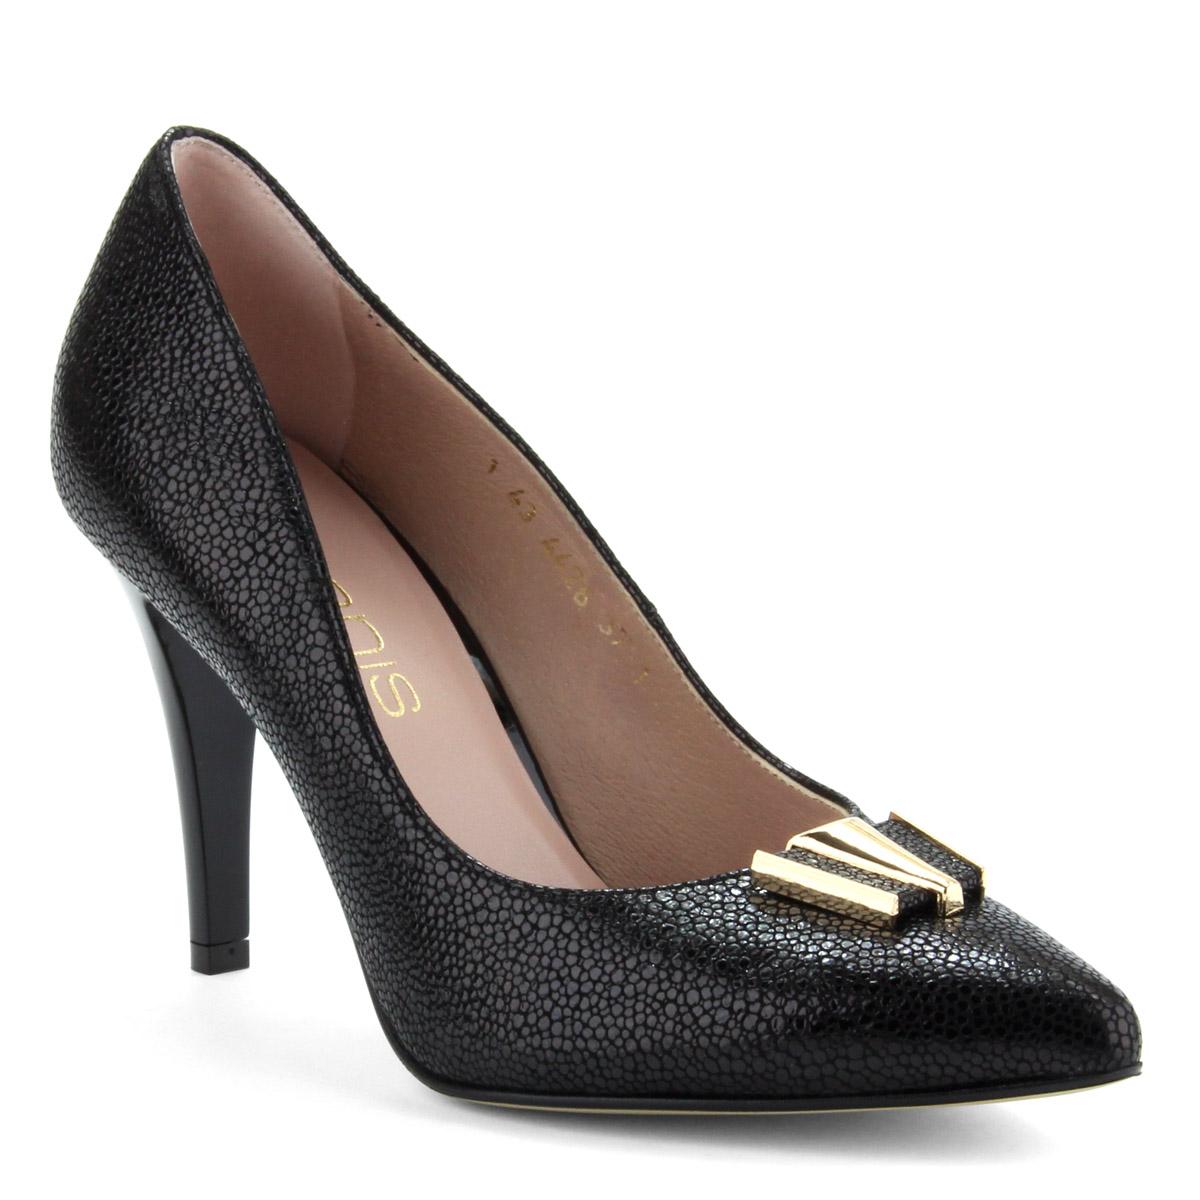 bb520733fd ... 9 cm magas sarkú fekete női magas sarkú alkalmi cipő apró mintás bőr  felsőrésszel és bőr ...